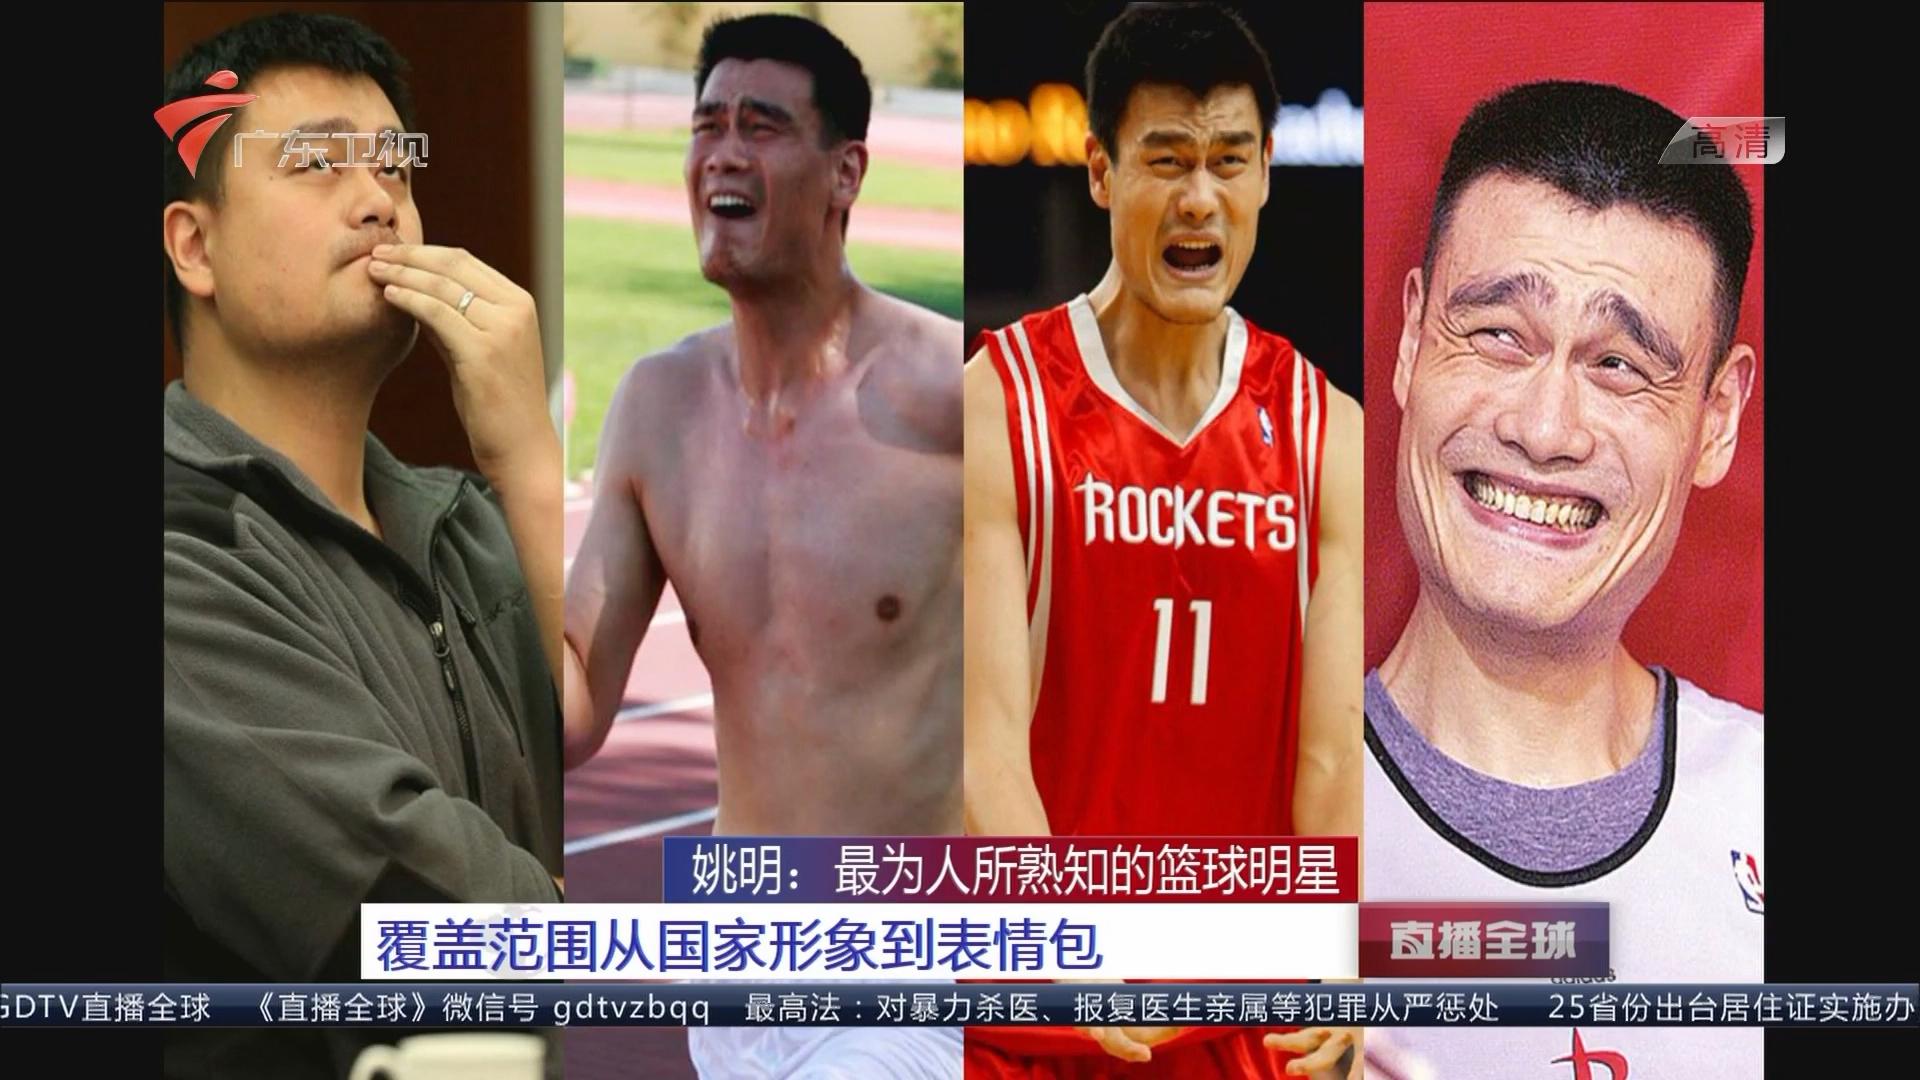 姚明:最为人所熟知的篮球明星 覆盖范围从国家形象到表情包